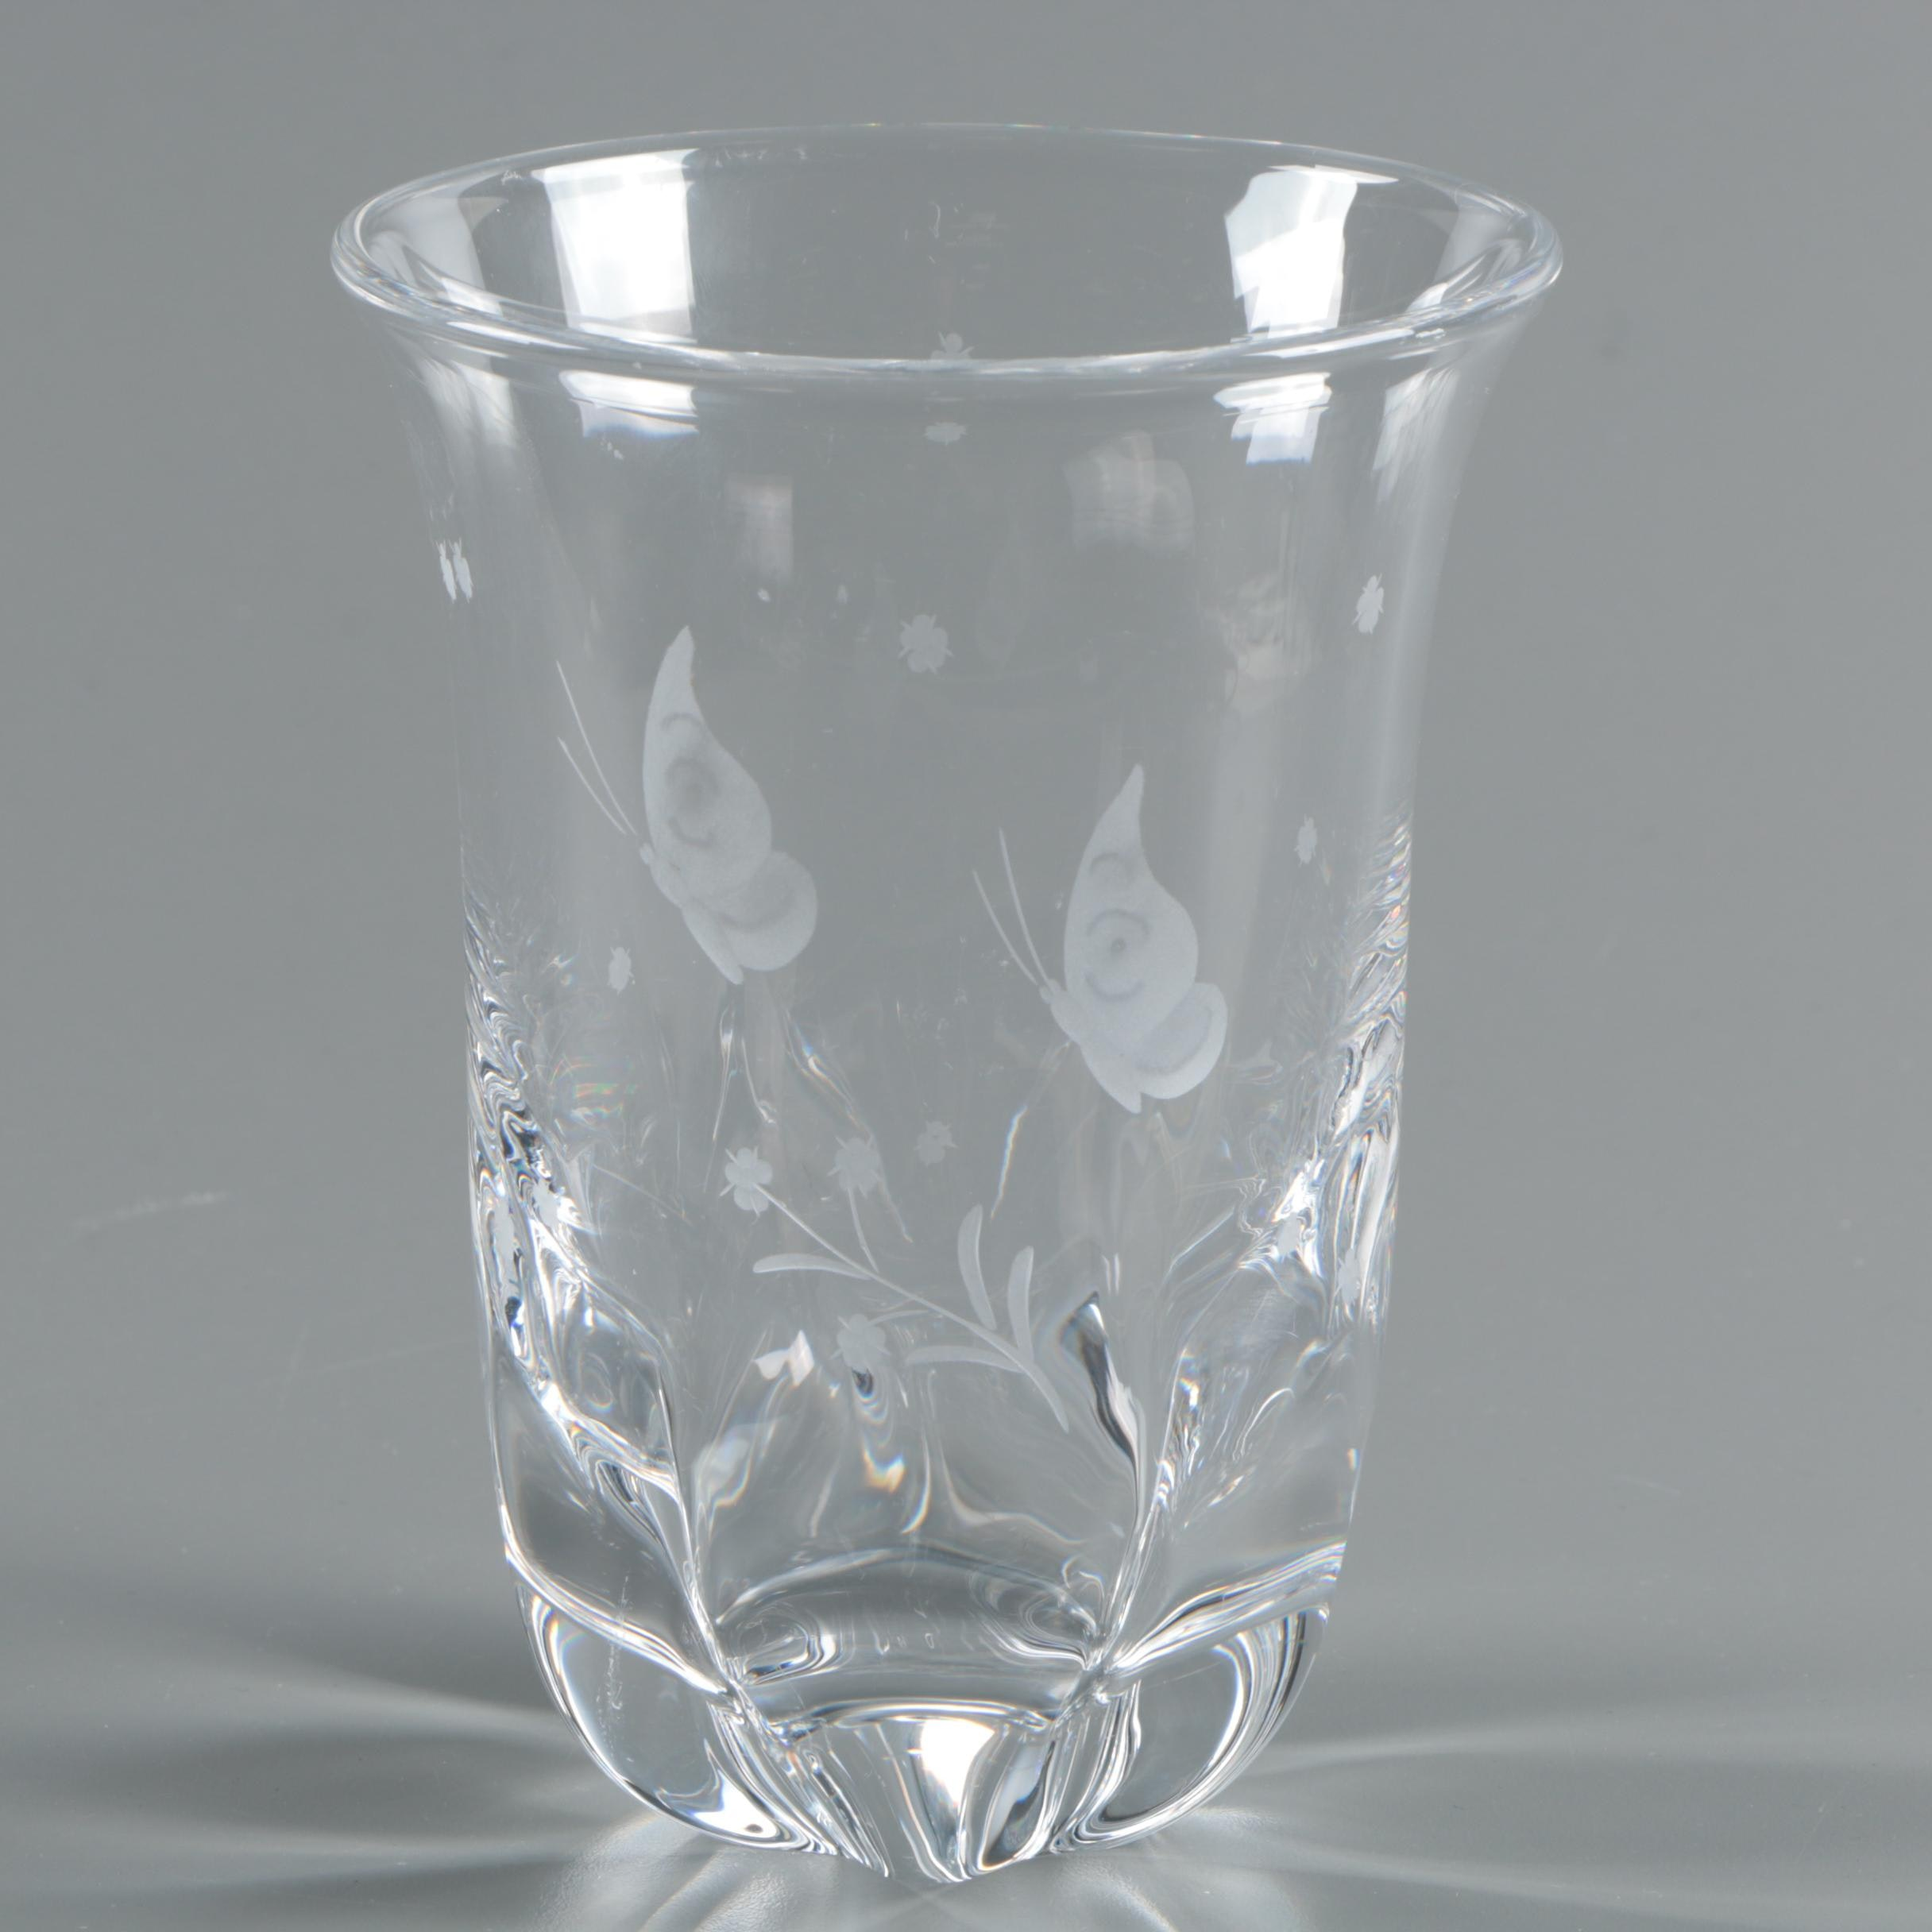 Vintage Signed Scandinavian Etched Butterfly Crystal Vase